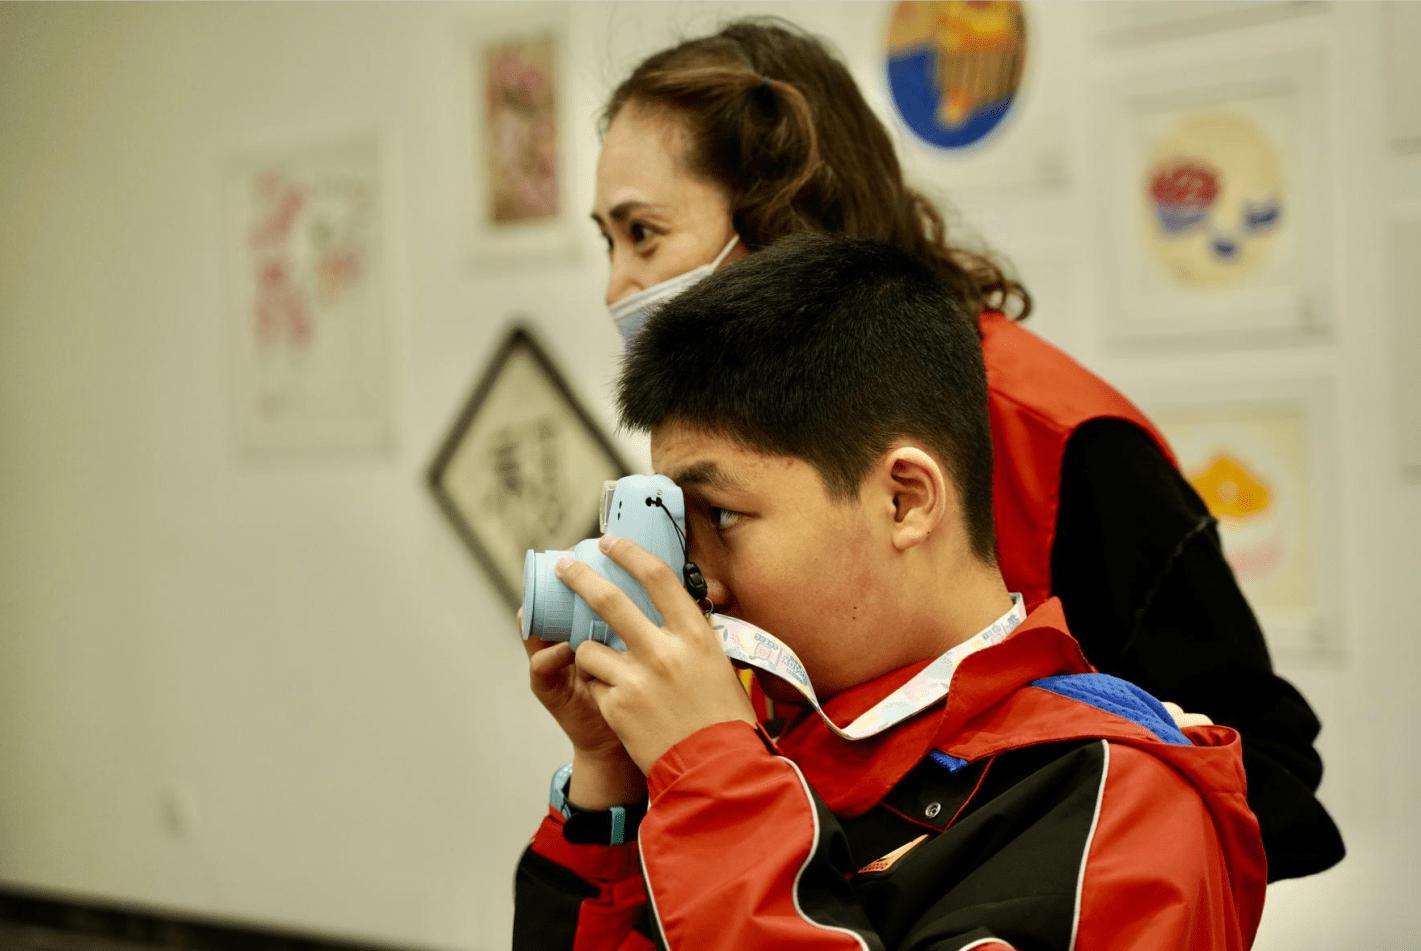 推开春天的窗——2021世界自闭症关注日主题展览及摄影工坊体验暖心举办